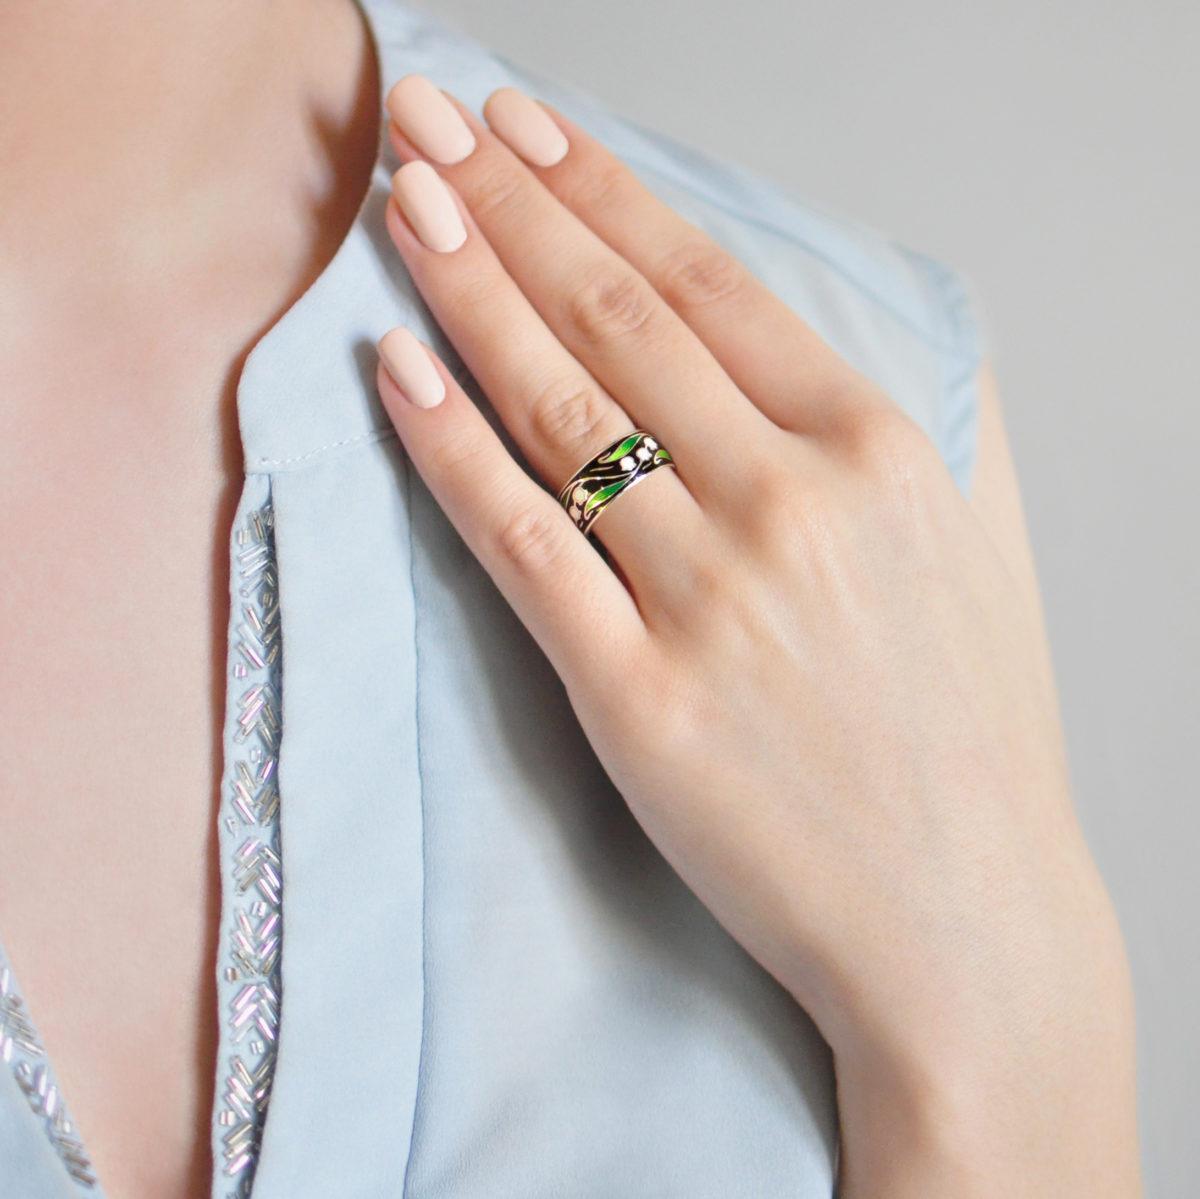 Serebro chernaya 7 1200x1199 - Кольцо из серебра «Ландыши», черное